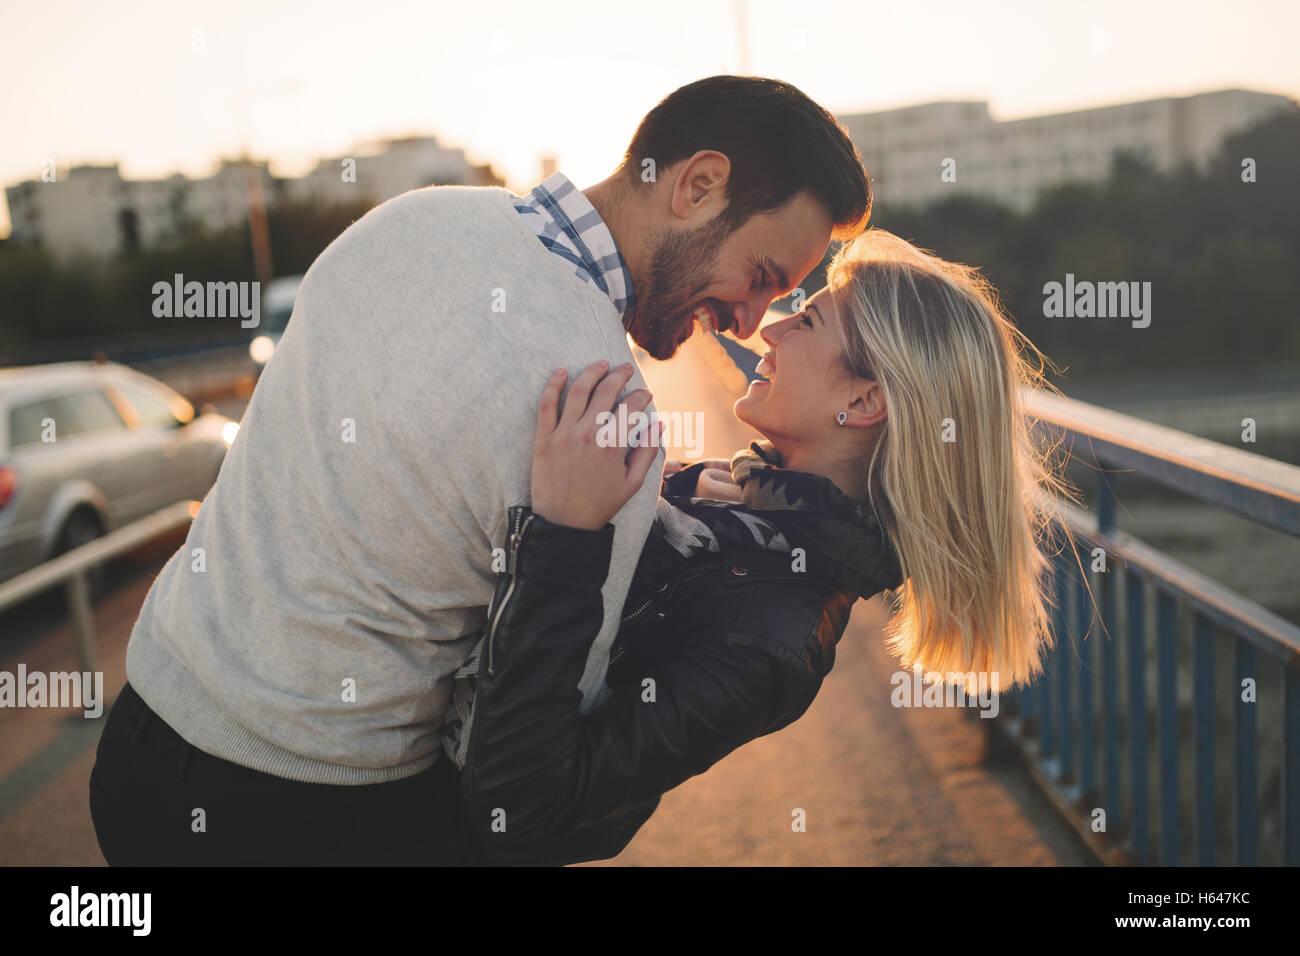 Couple amoureux romantique coucher du soleil et profiter des baisers Photo Stock